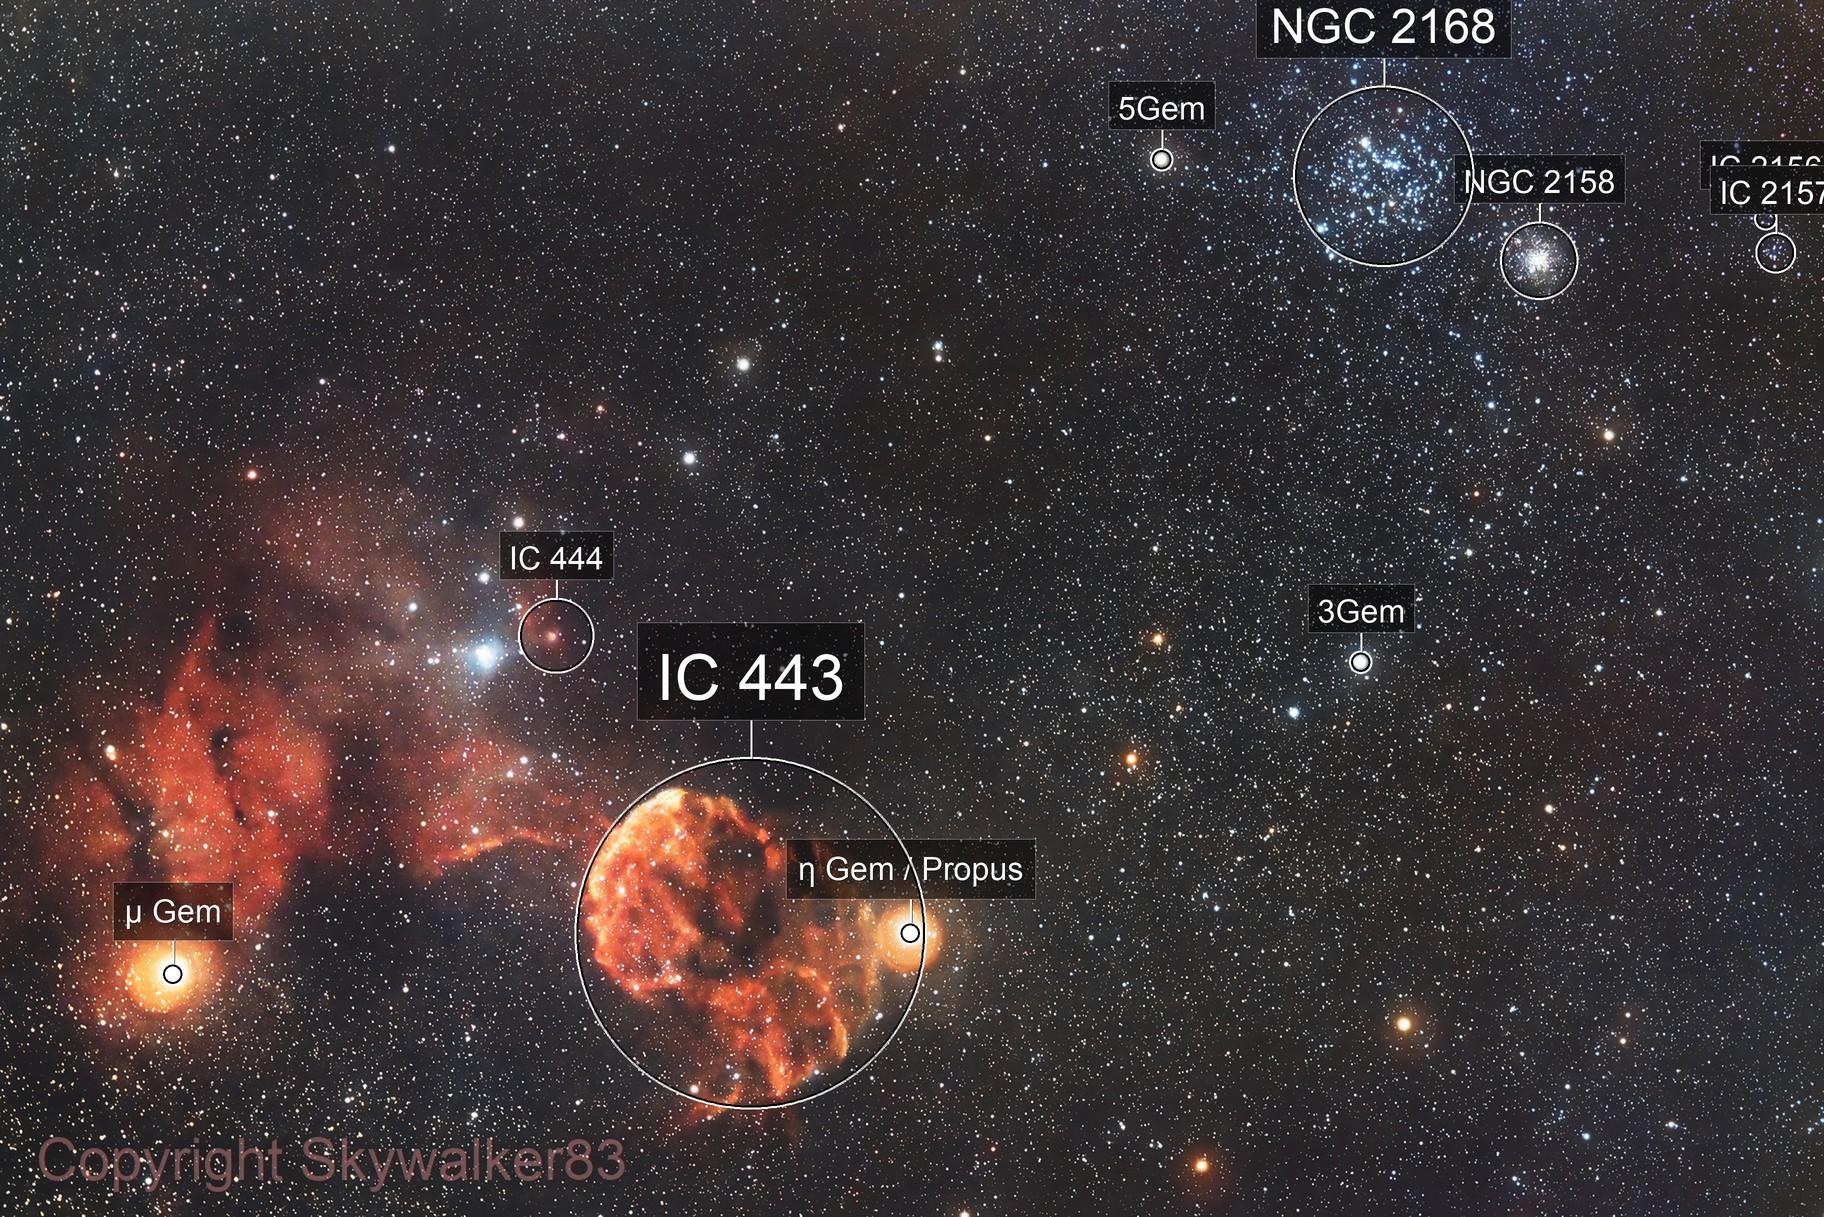 IC 443 & Co